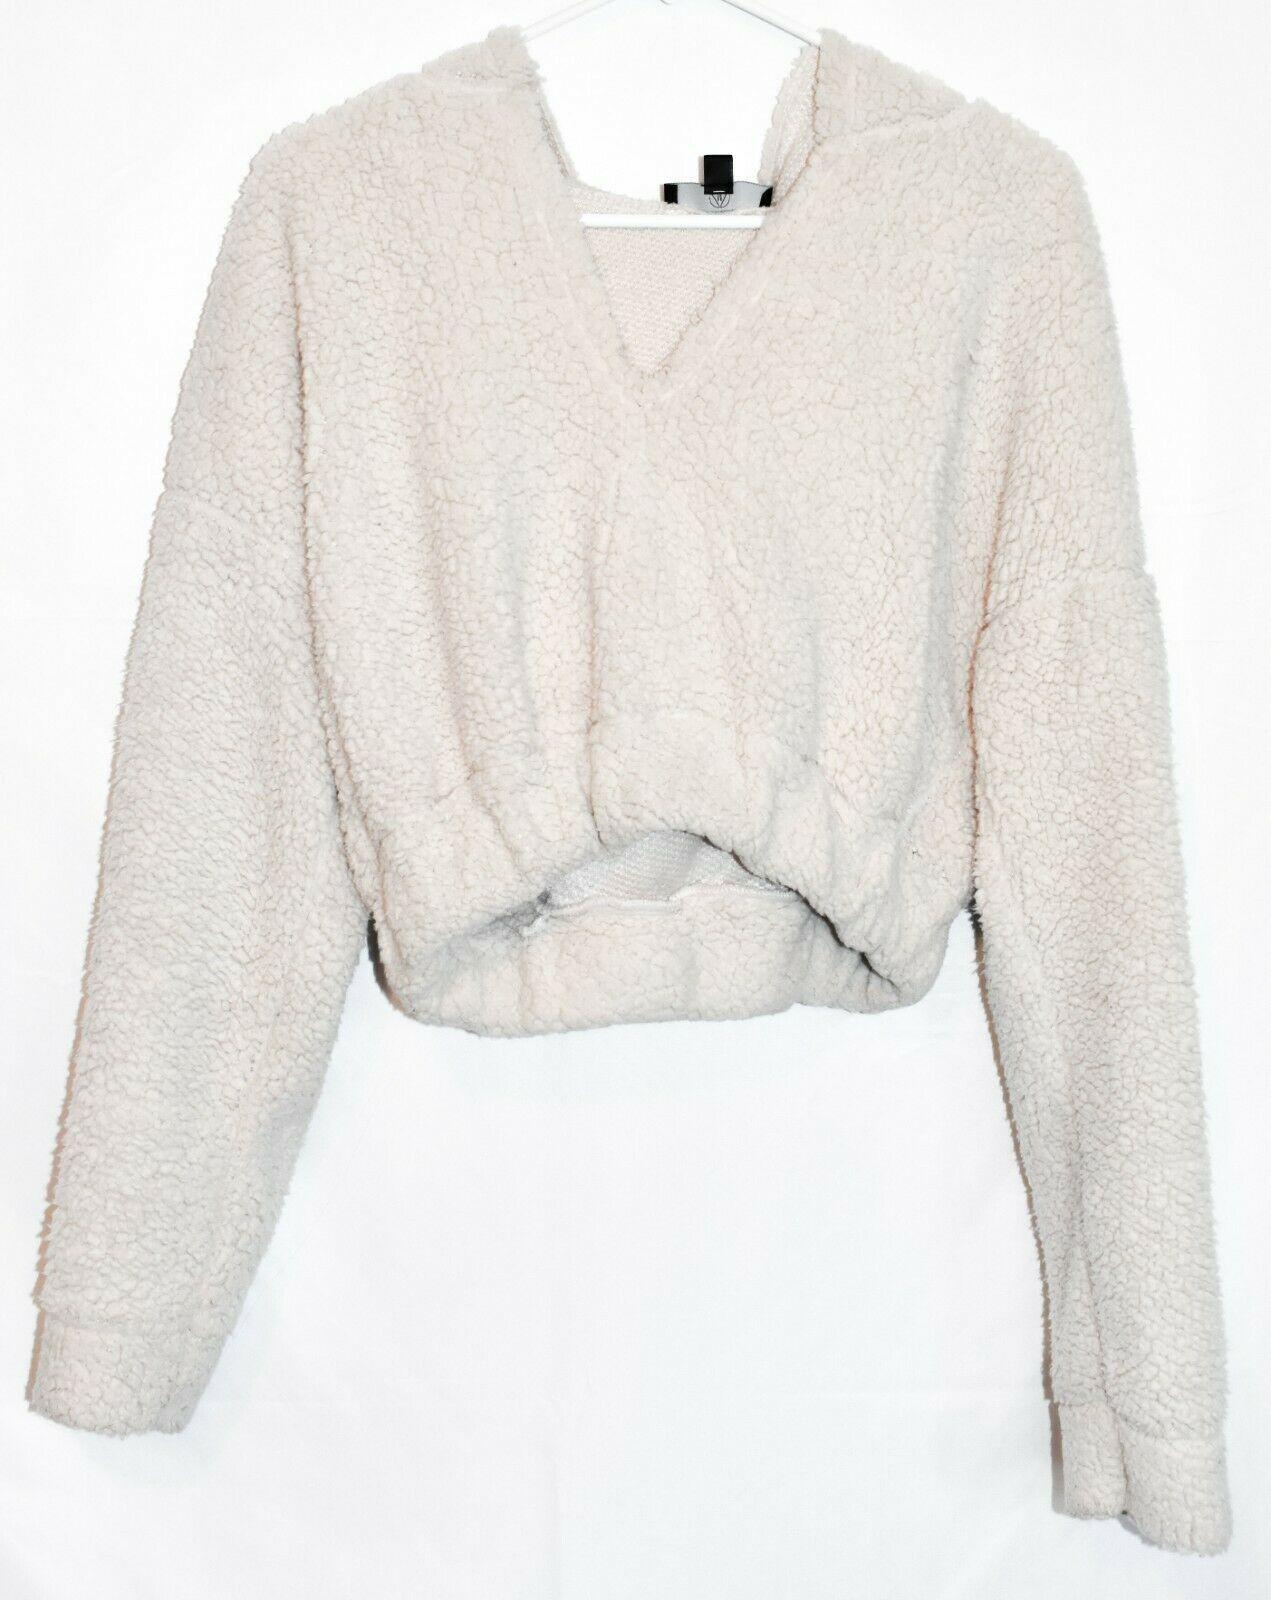 Missguided Women's Cream Oversized Elastic Waist Crop Fleece Hoodie Size 2